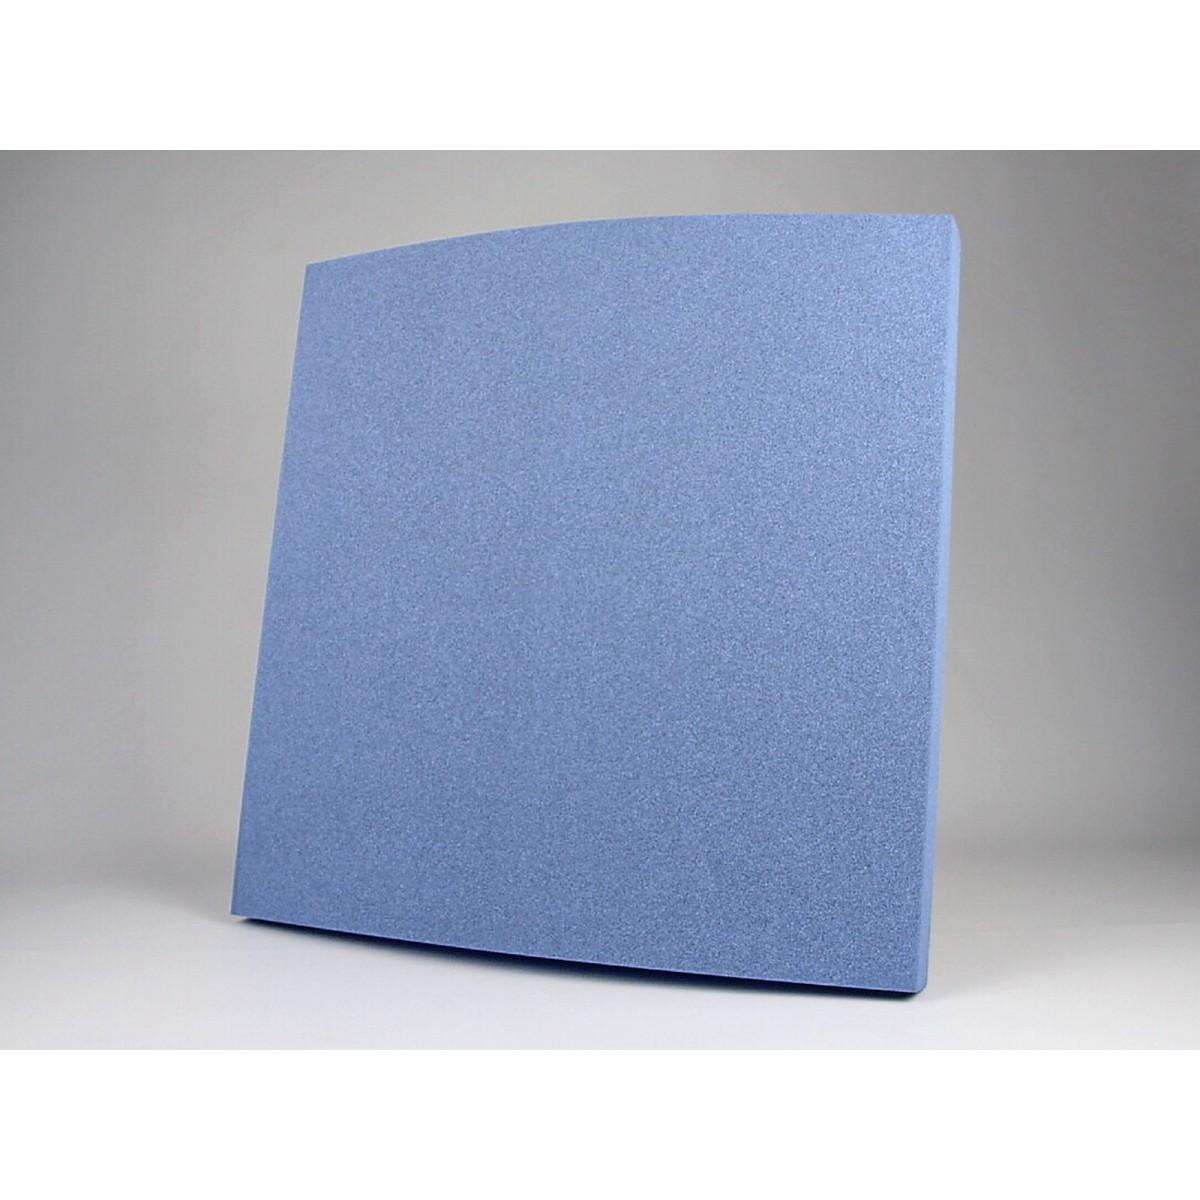 eliacoustic curve pure light blue